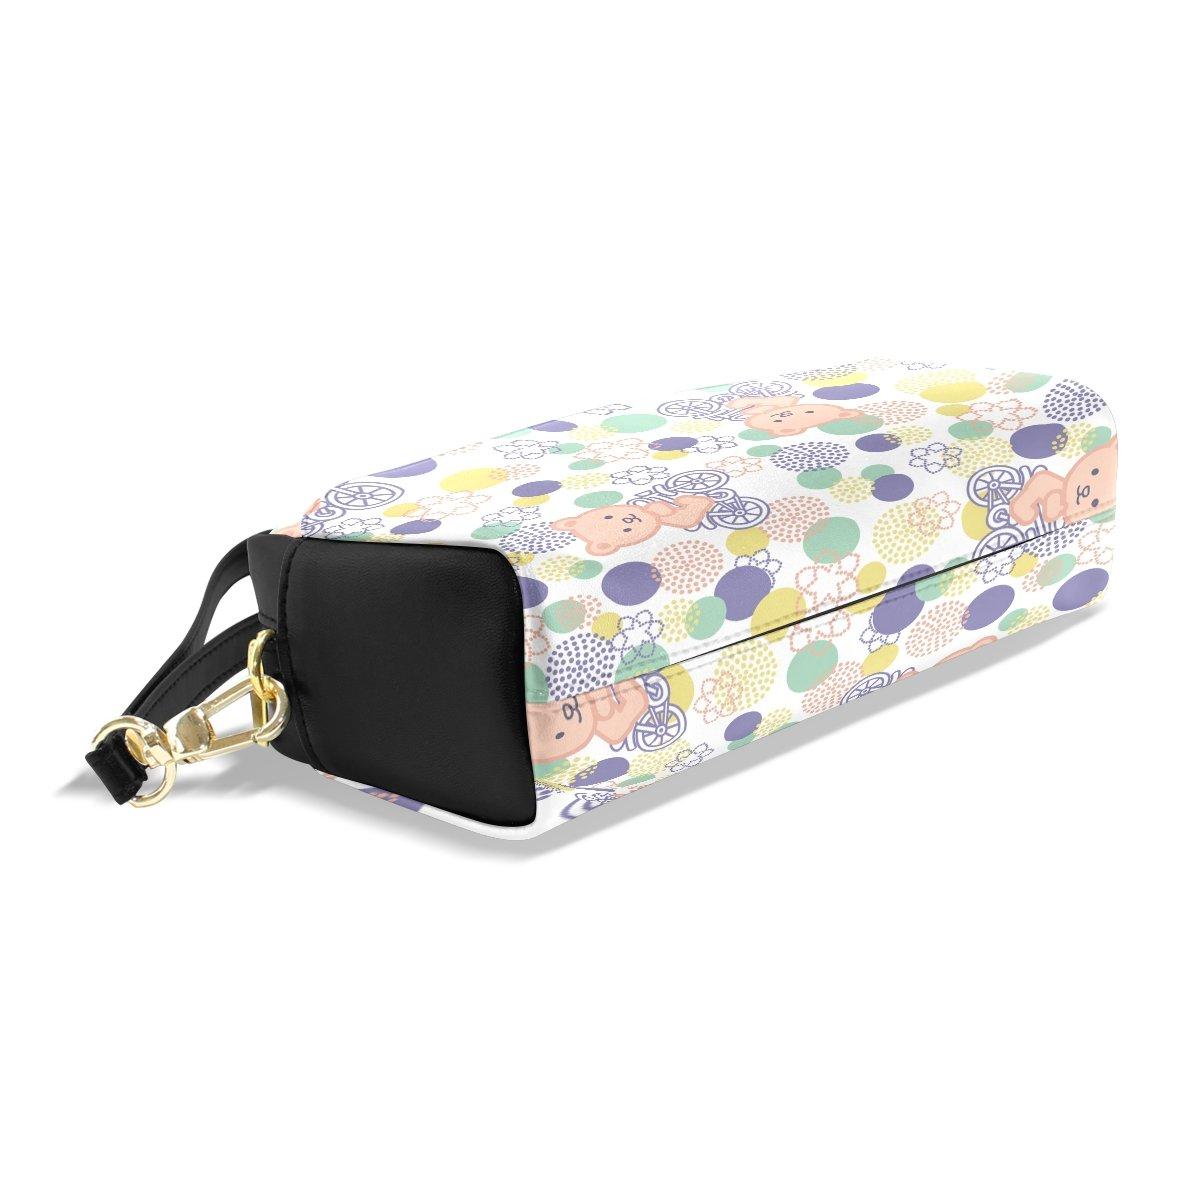 Amazon.com: Estuche de piel con soporte para lápices, color ...